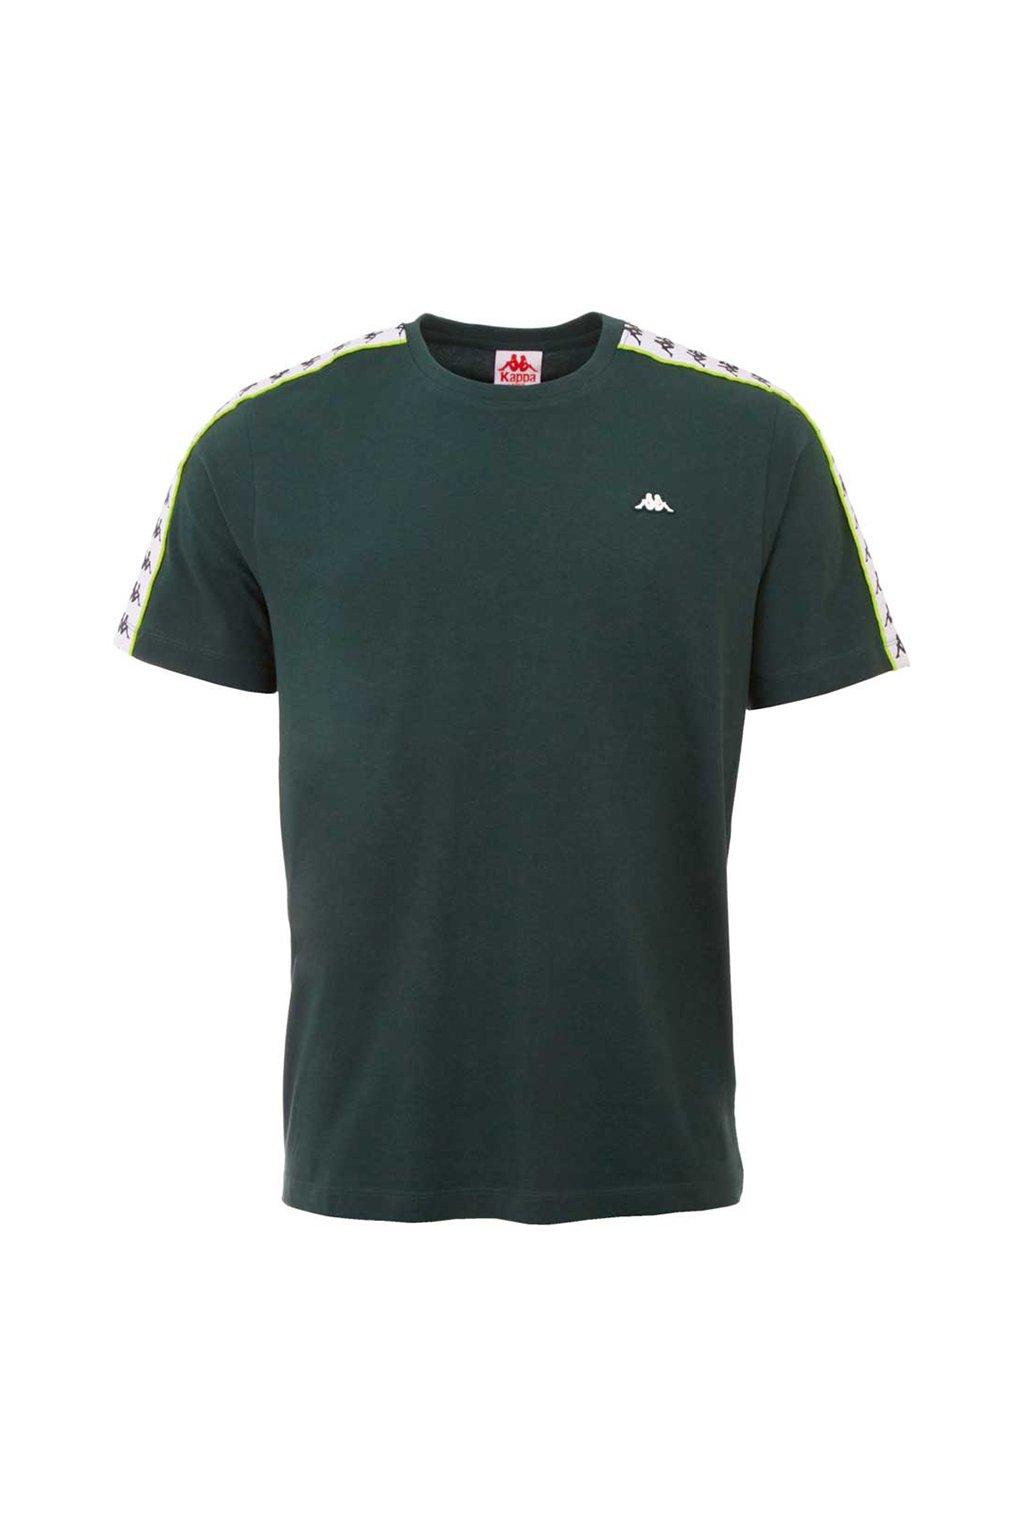 Pánske tričko Kappa Hanno tmavo zelené 308011 19-5320